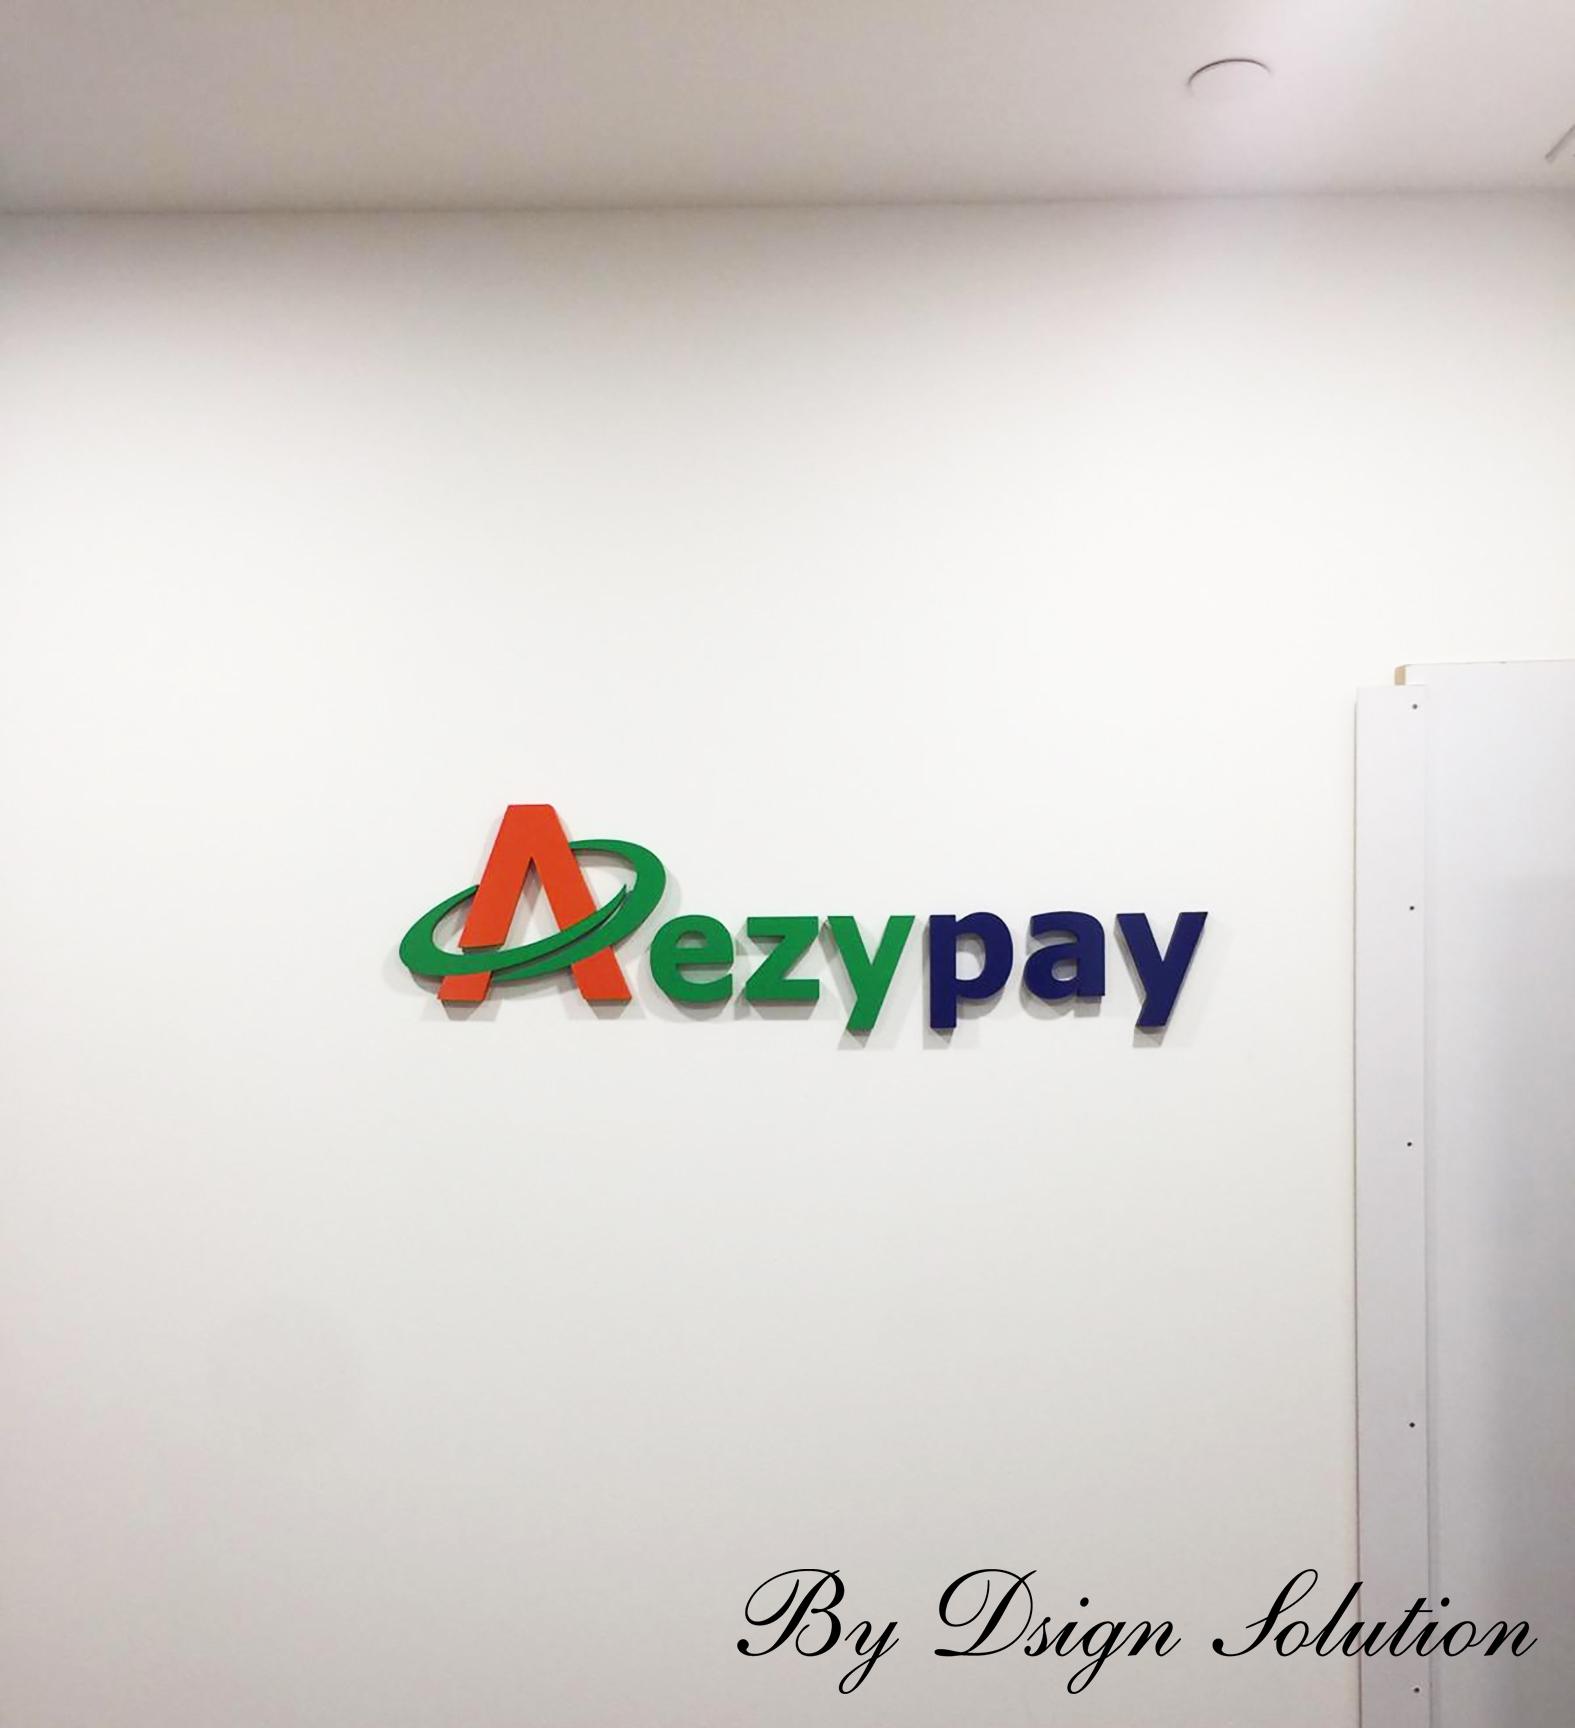 AEZYPAY